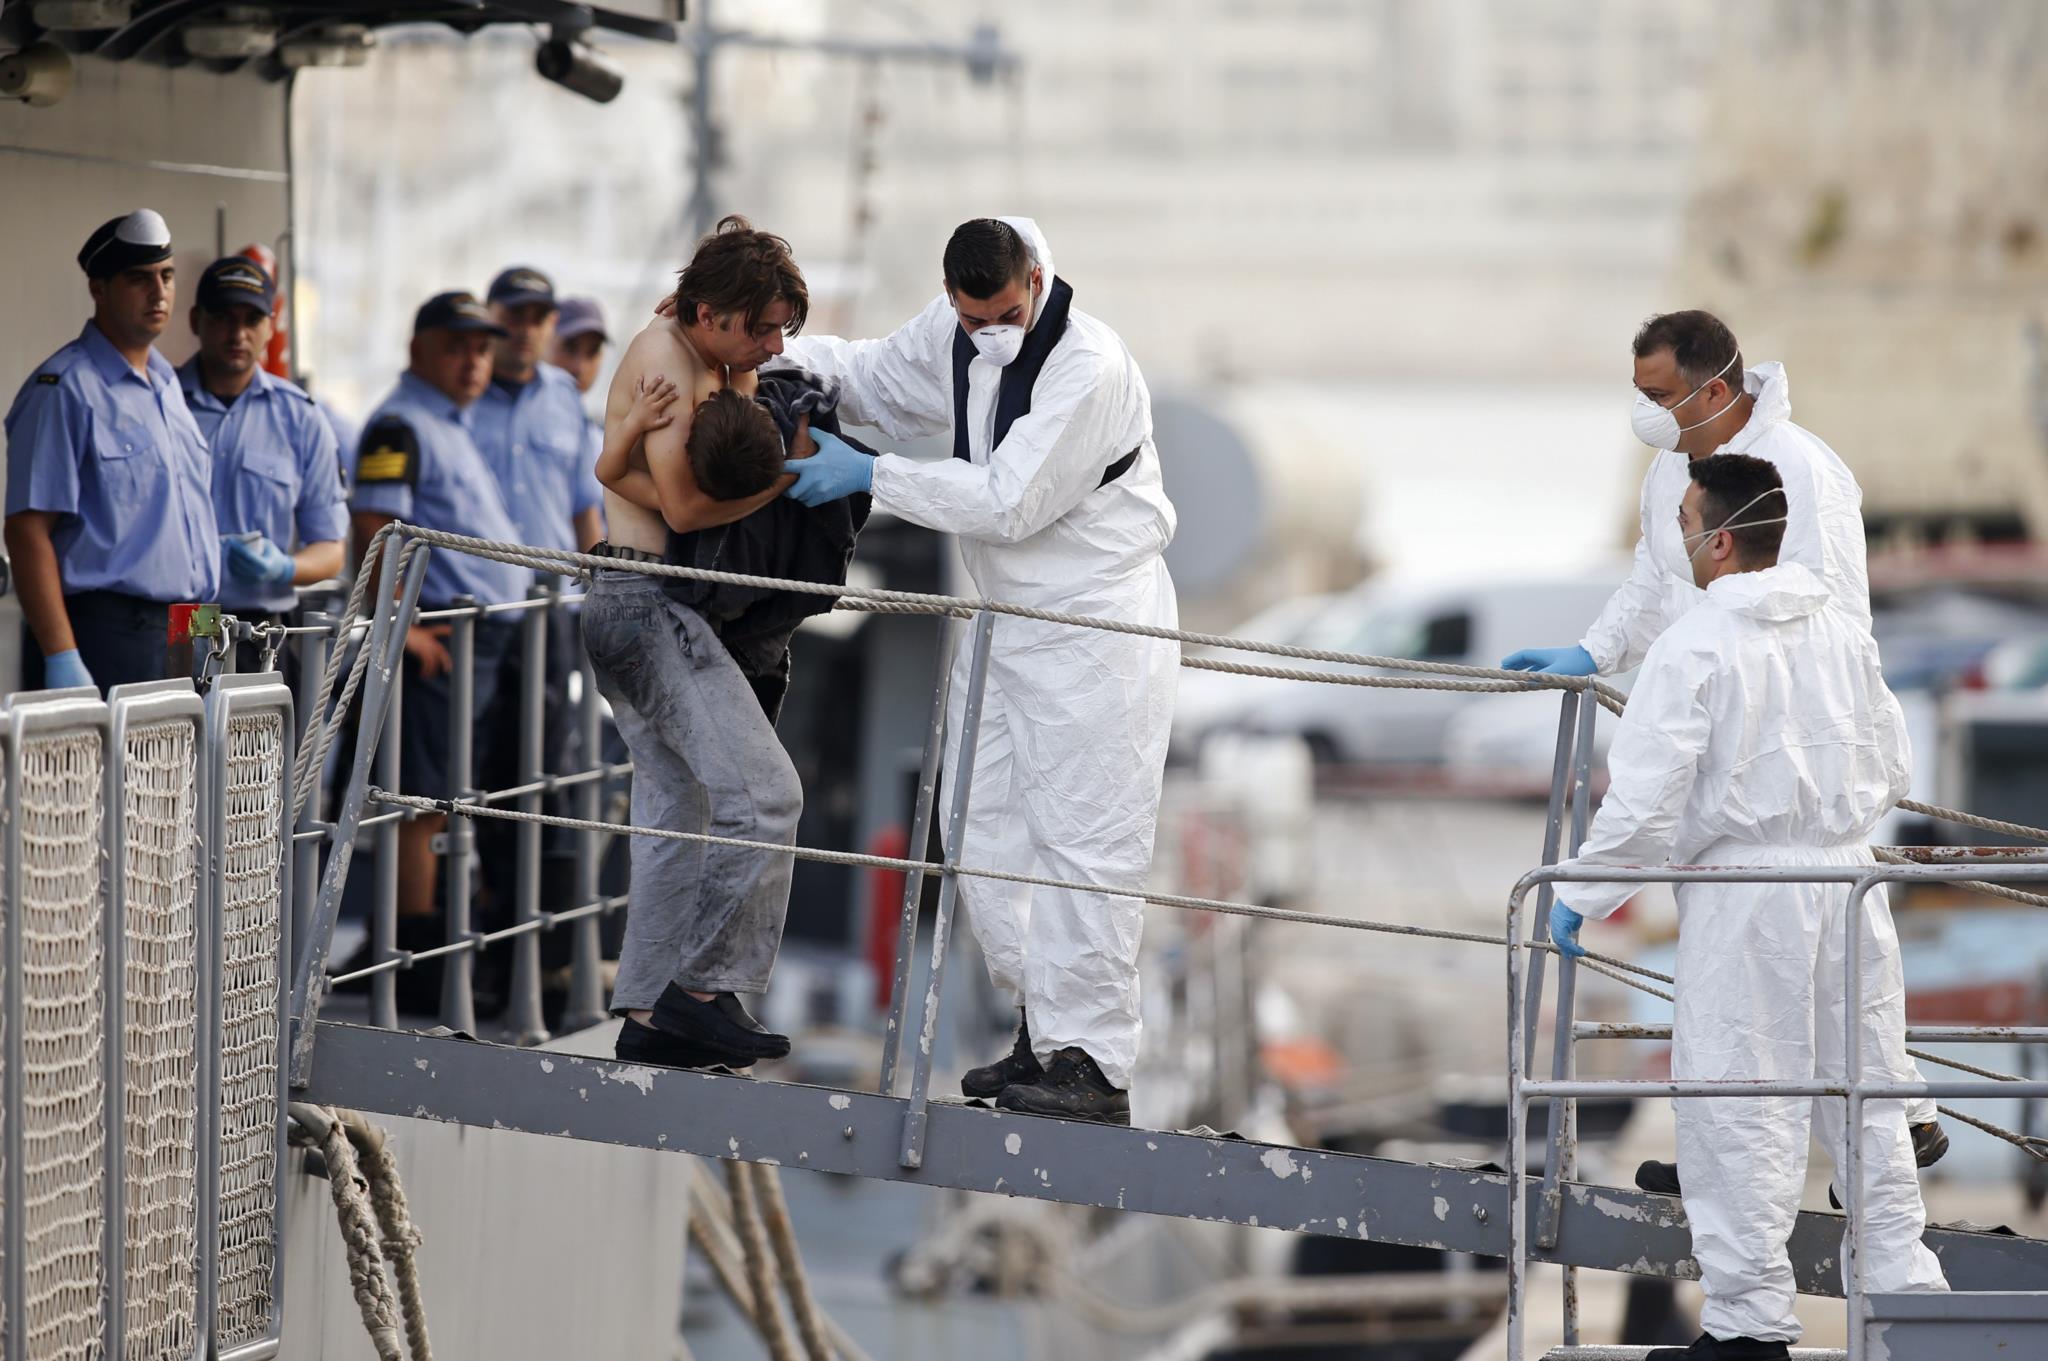 Sobreviventes do naufrágio chegam ao porto de La Valetta, um dia após o incidente.